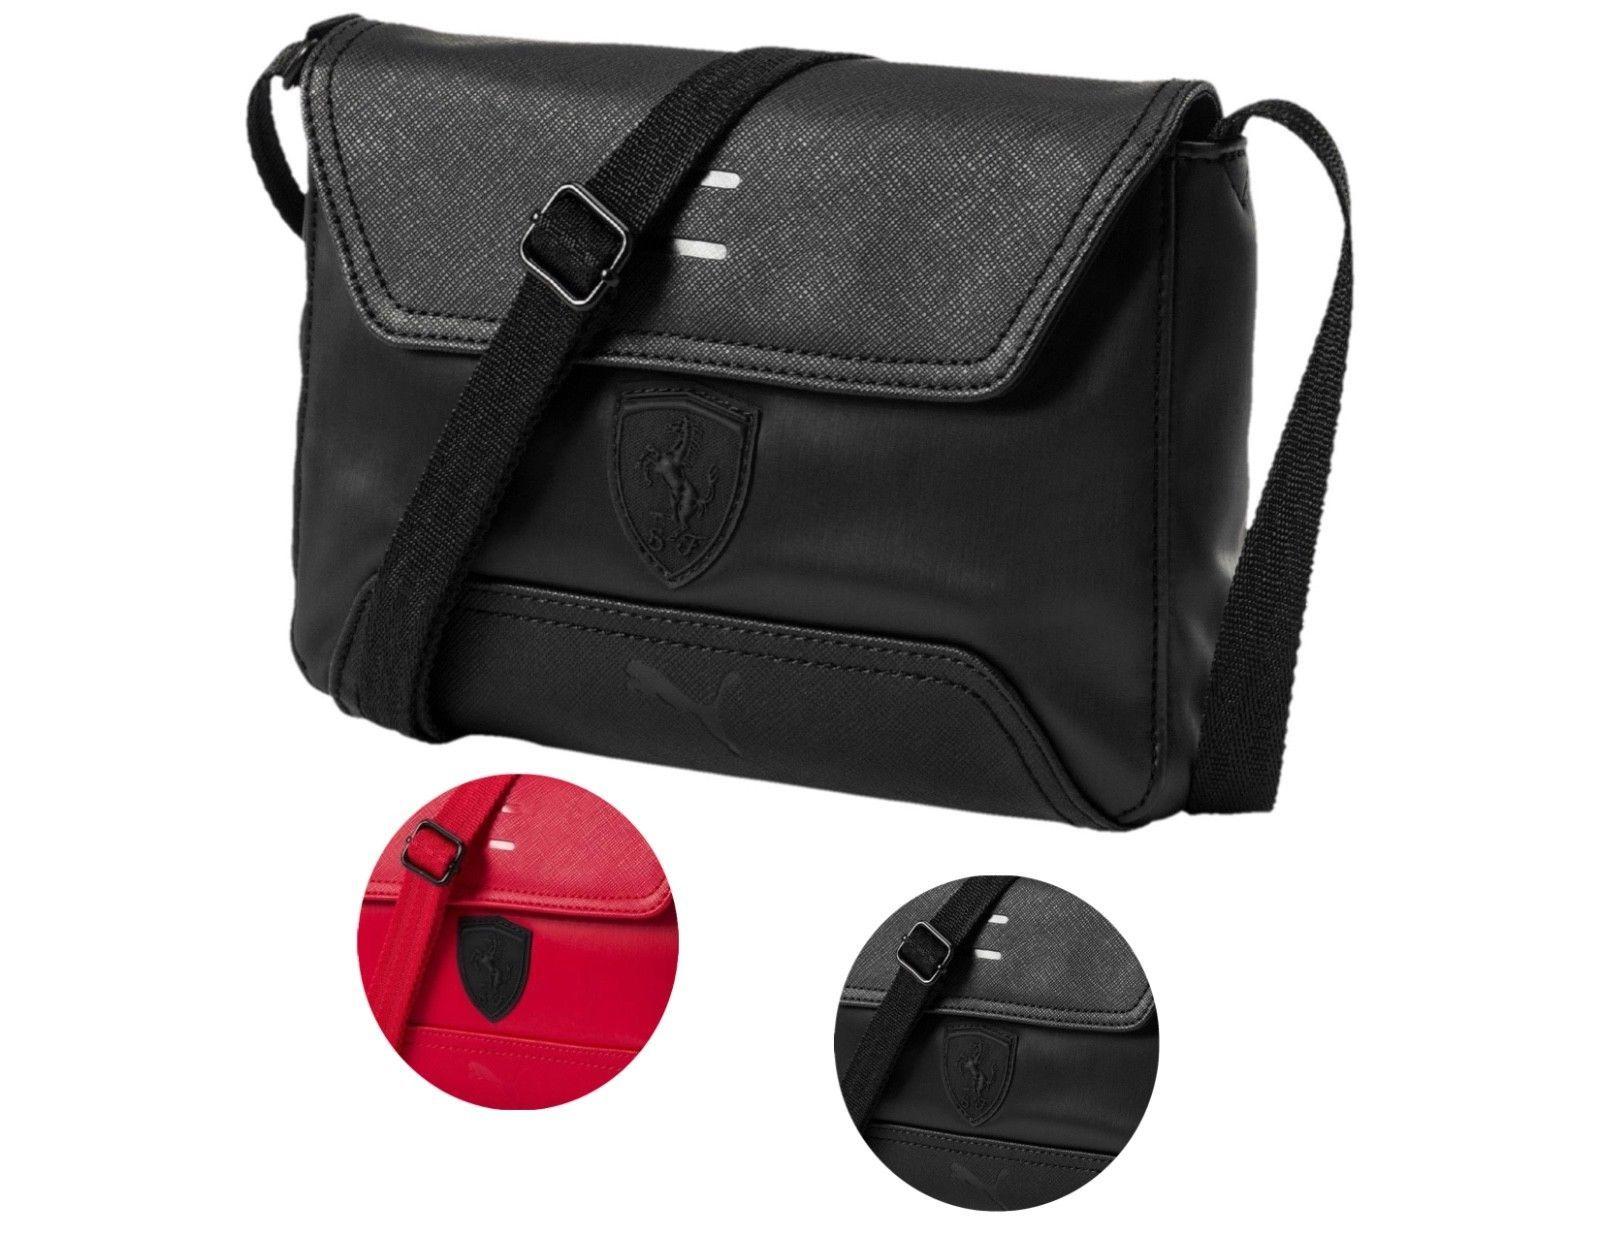 Puma Ferrari Women s Magnetic Snap LS Handbag Purse Small Satchel Bag  074845 -  52.99 a0dea198c895d